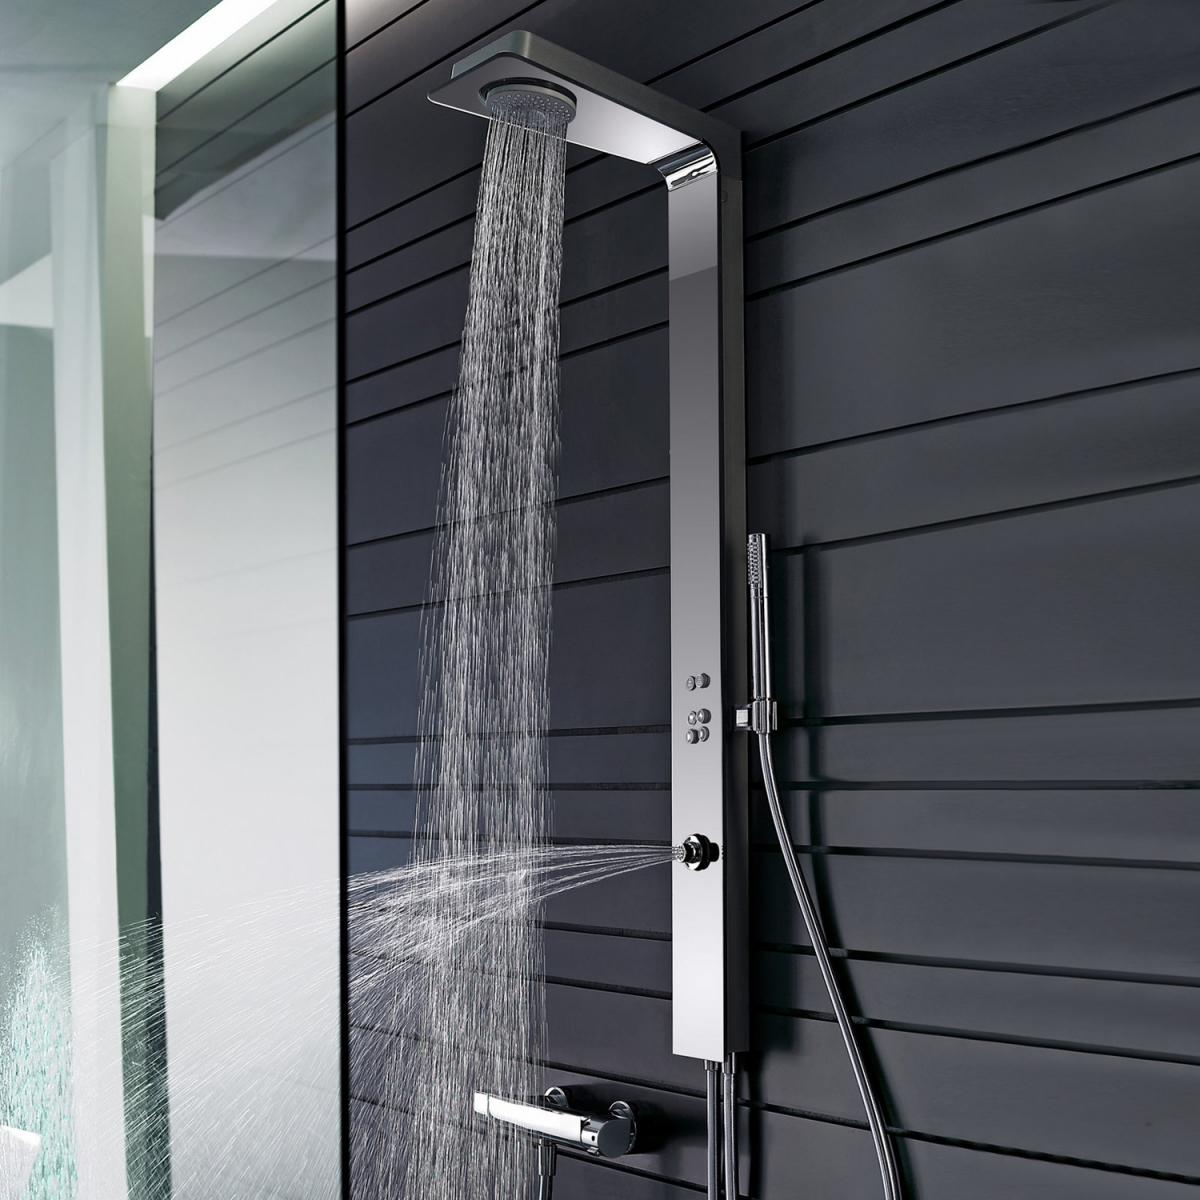 robinetterie de douche smartshower hansa induscabel salle de bains chauffage et cuisine. Black Bedroom Furniture Sets. Home Design Ideas